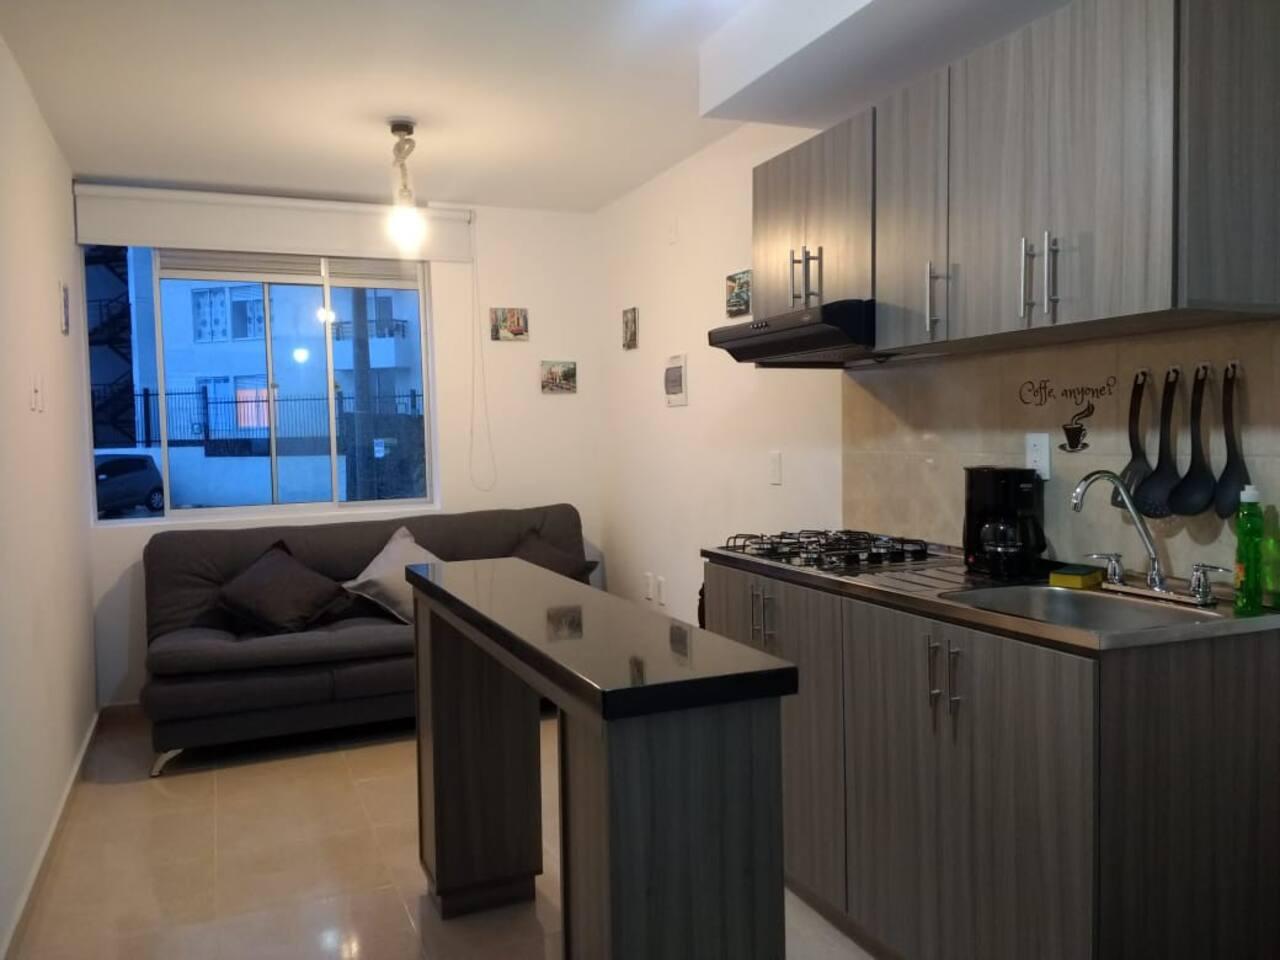 Aparta estudio: cocina, barra comedor, 1 habitación con baño privado y confortable sofacama